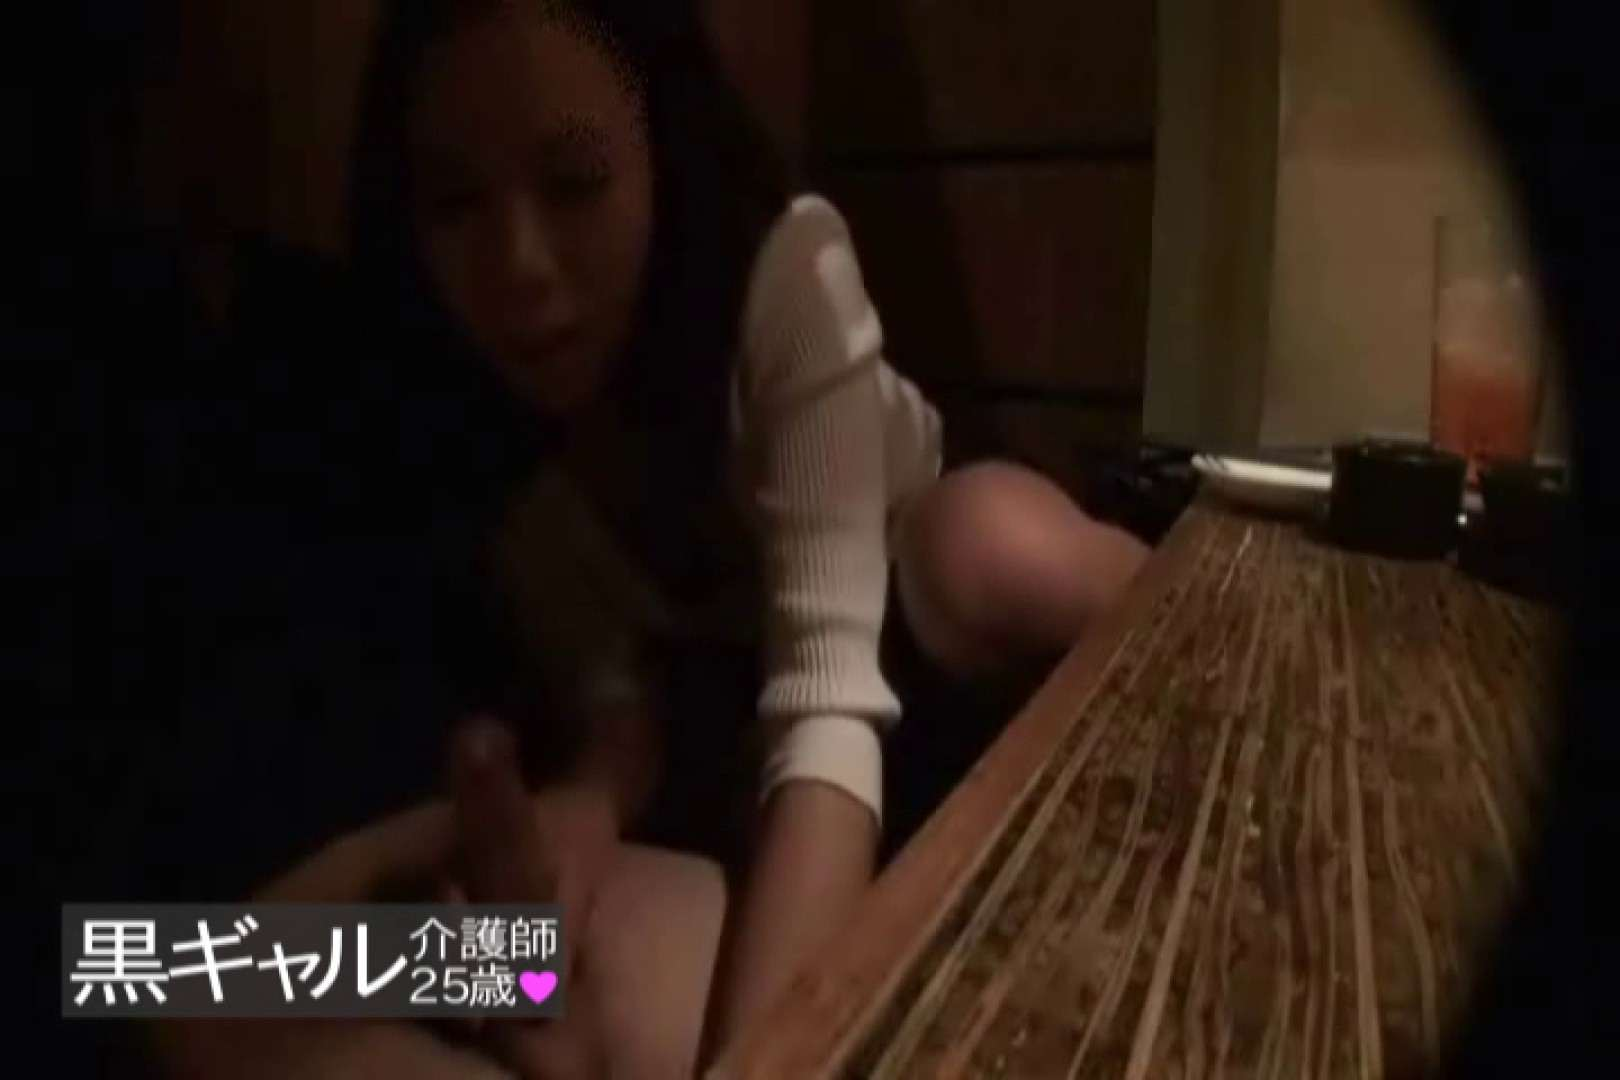 独占入手 従順M黒ギャル介護師25歳vol.3 車 おまんこ動画流出 38連発 15